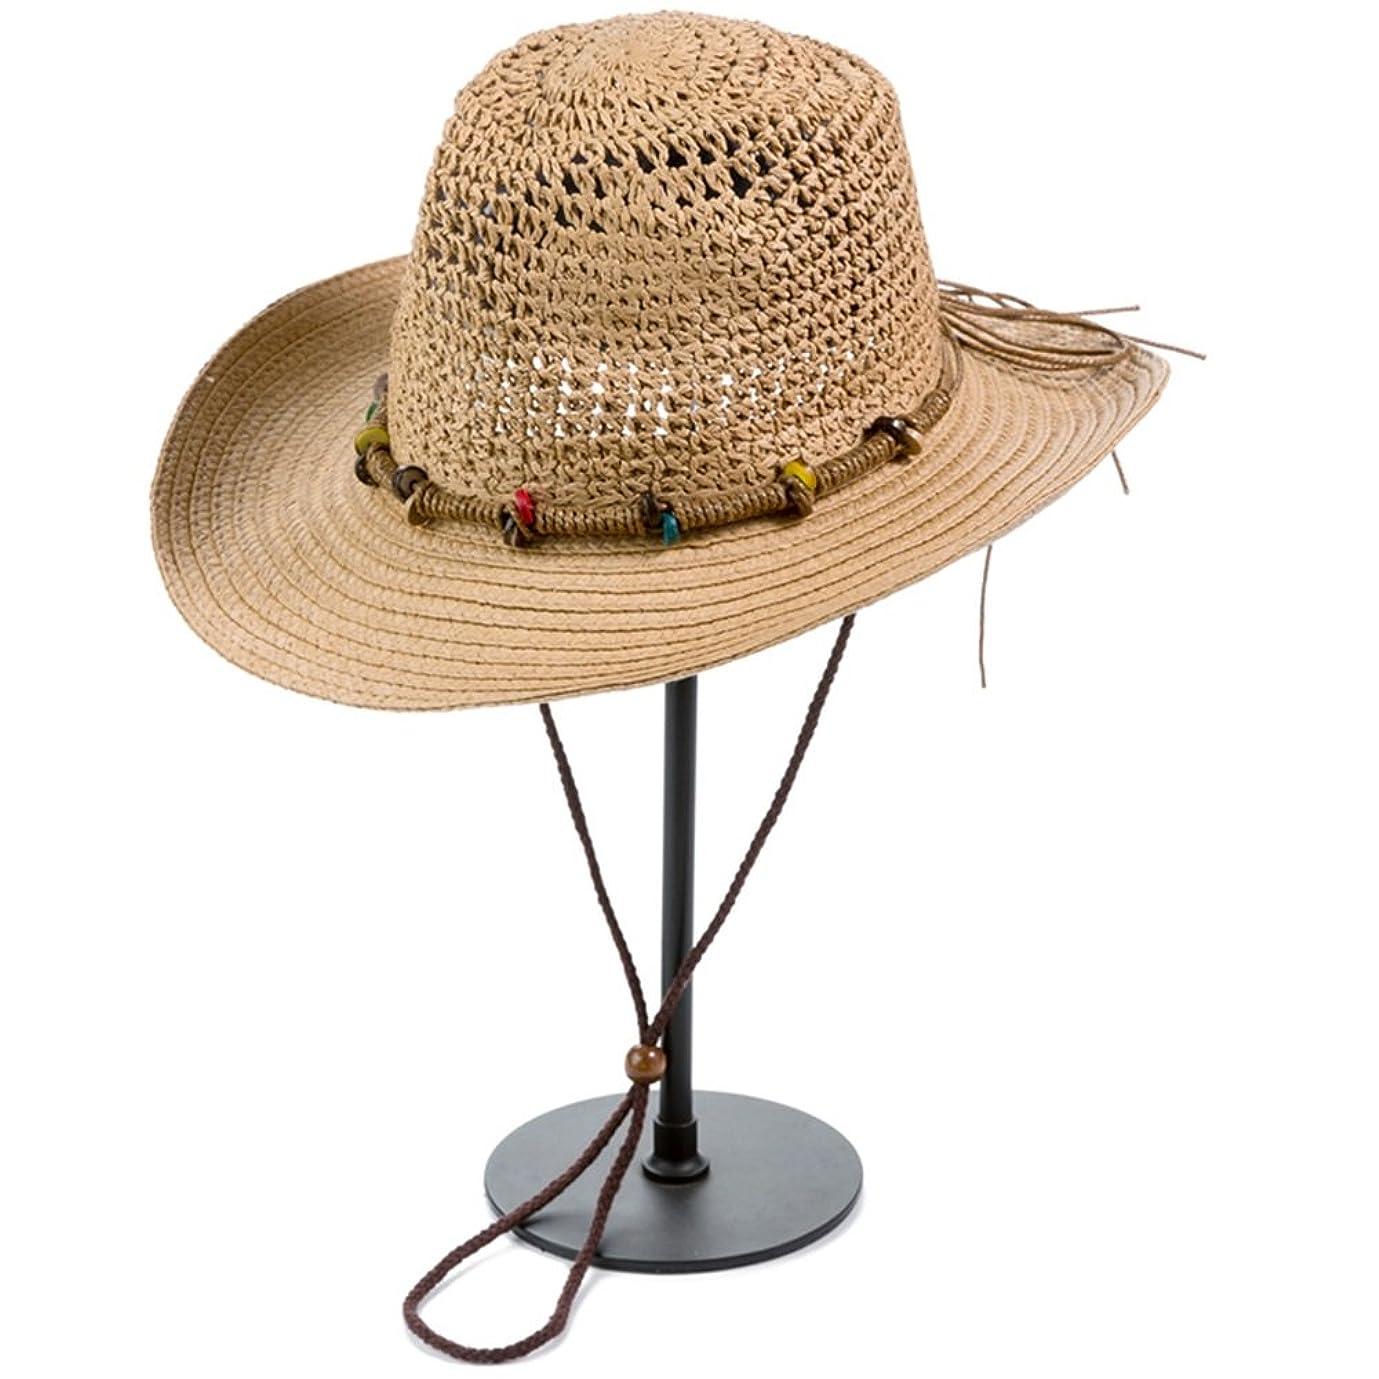 すすり泣きオリエント扇動する男性の麦わら帽子屋外ビーチ紫外線保護太陽の帽子麦わら帽子釣り帽子カウボーイハット通気性メッシュあごバンド